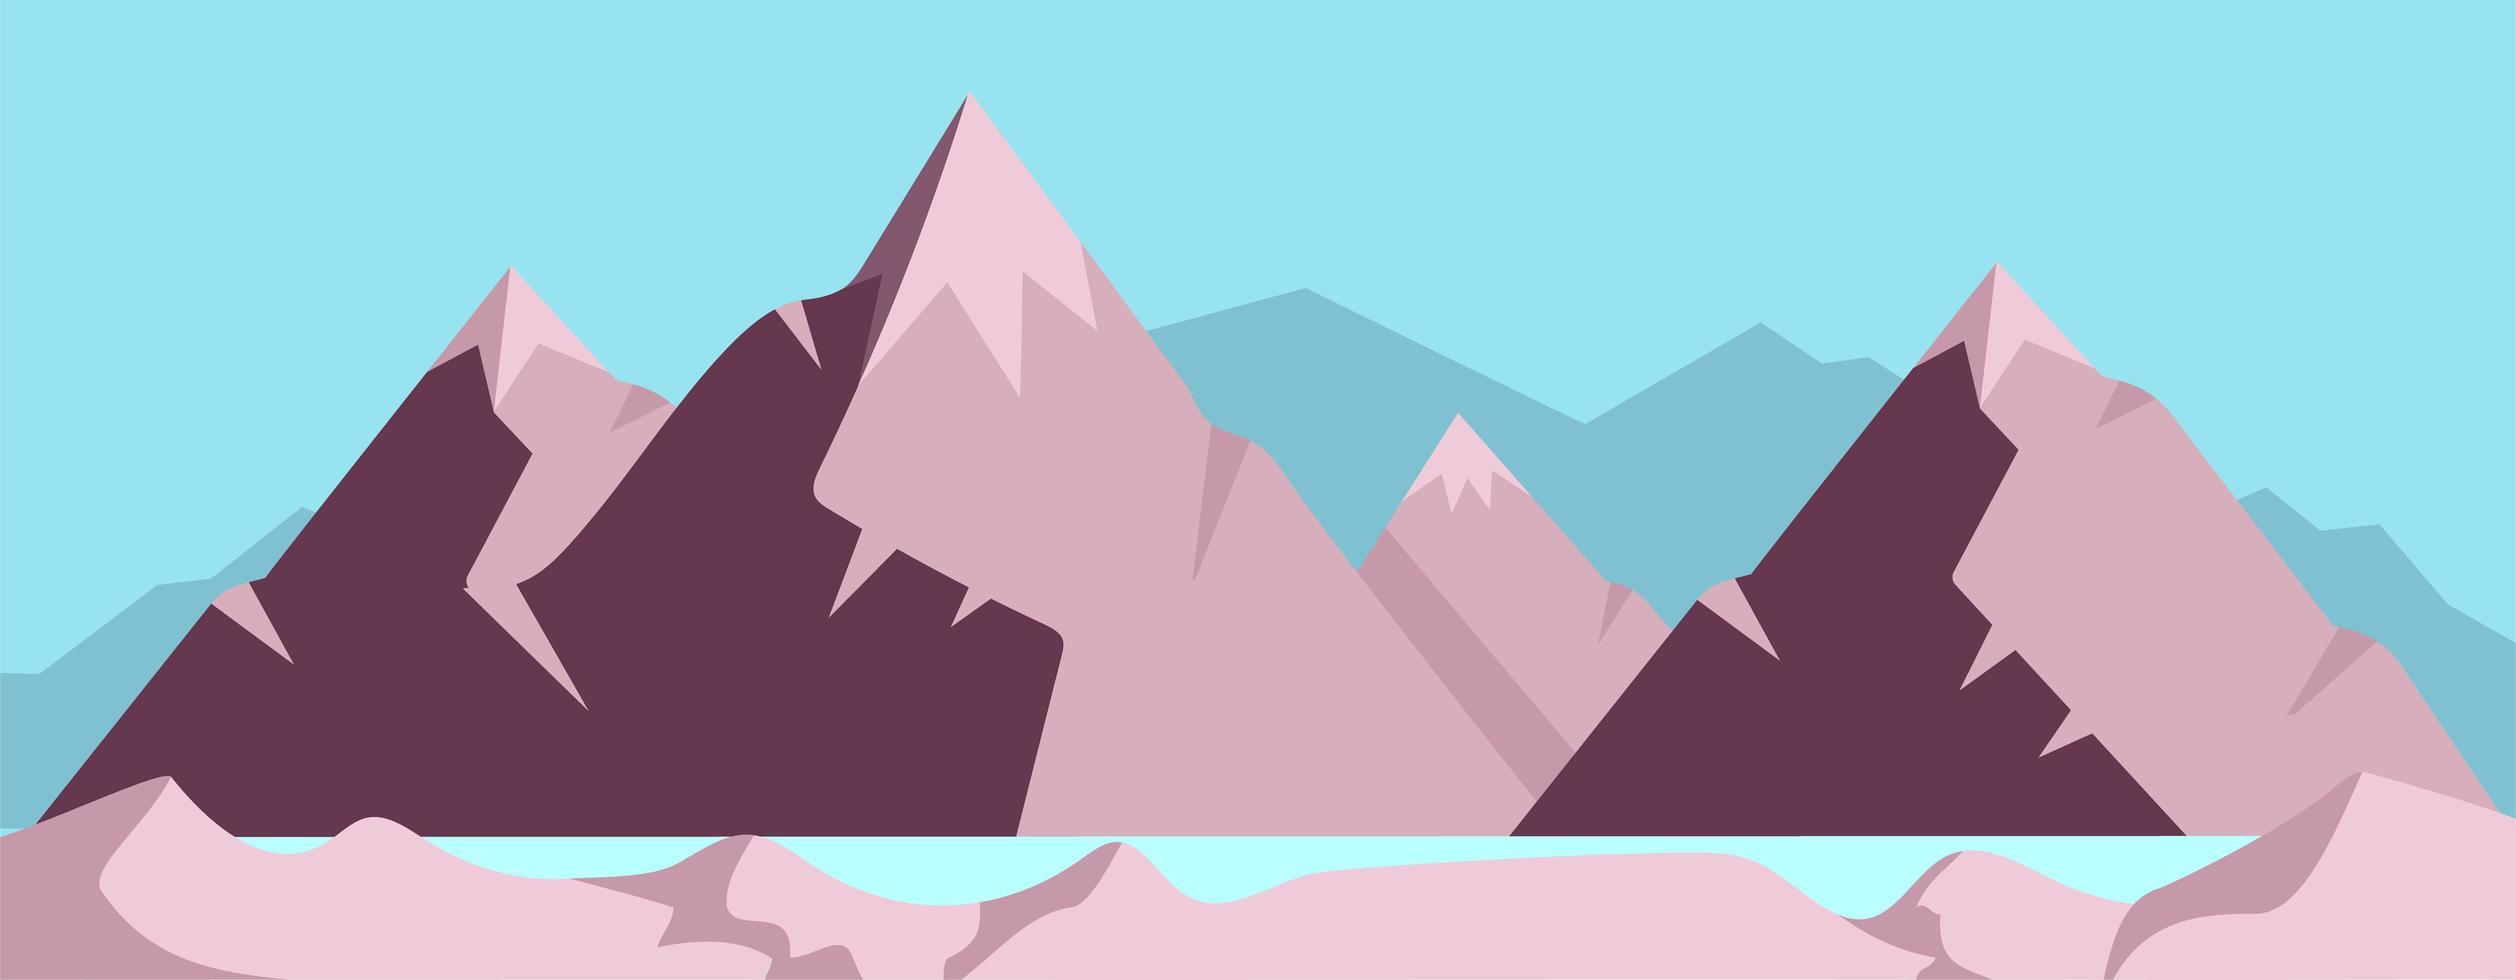 hoge bergscène vector